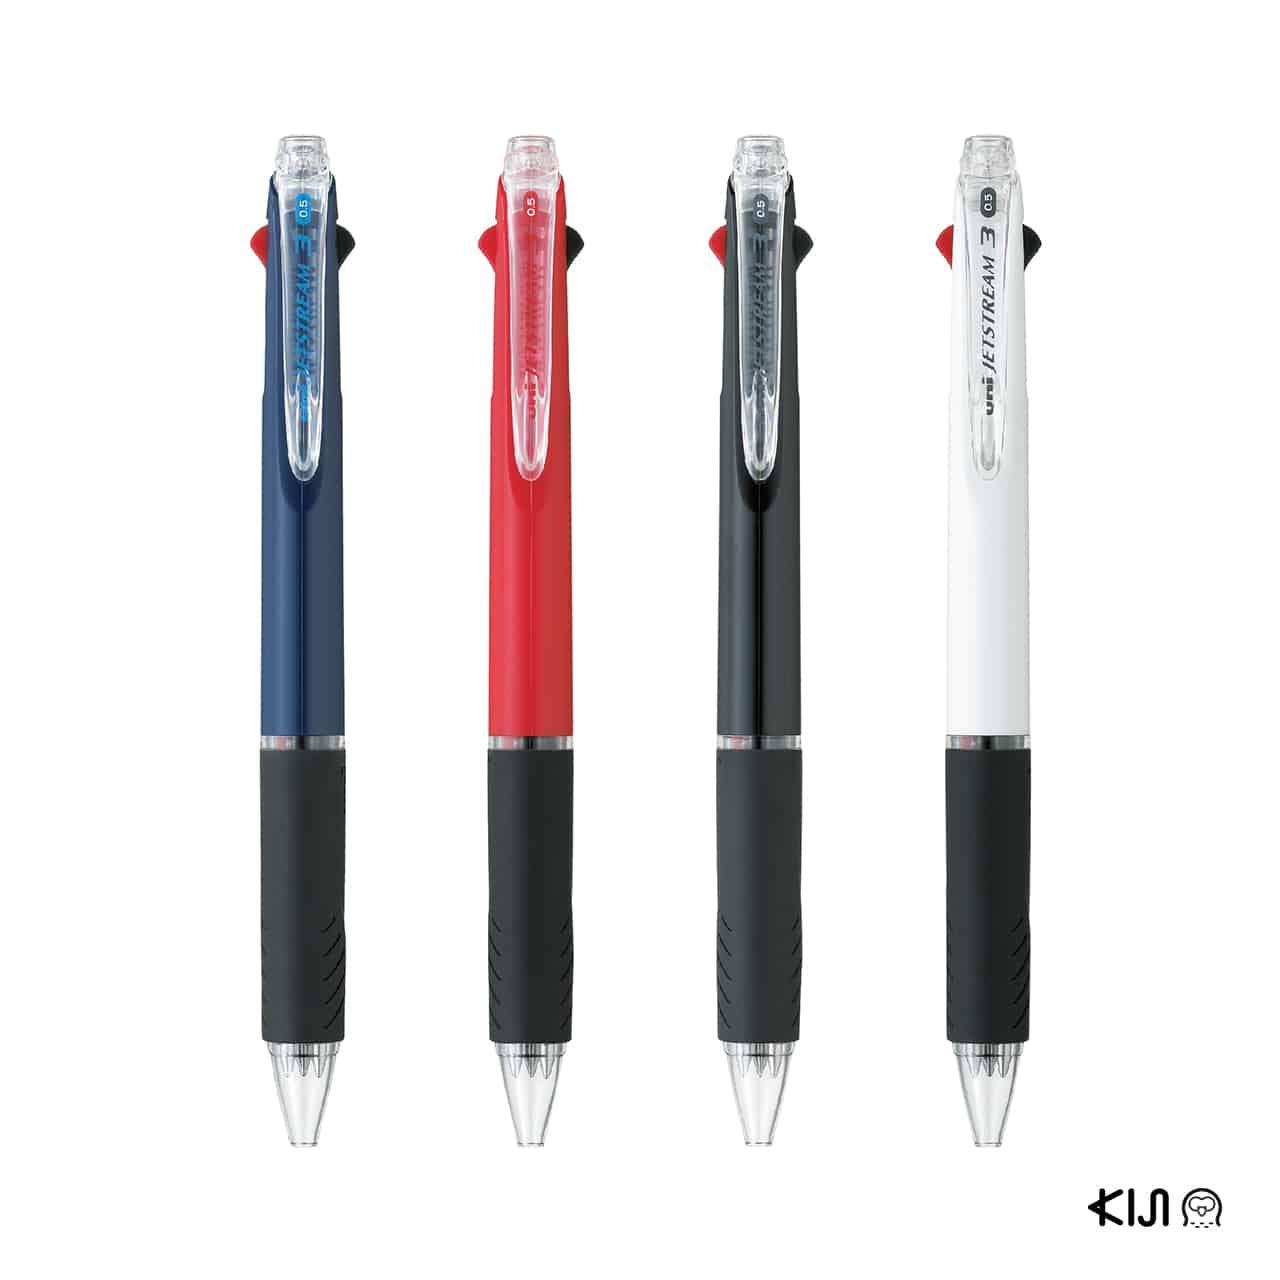 ปากกา uni Jetstream 3